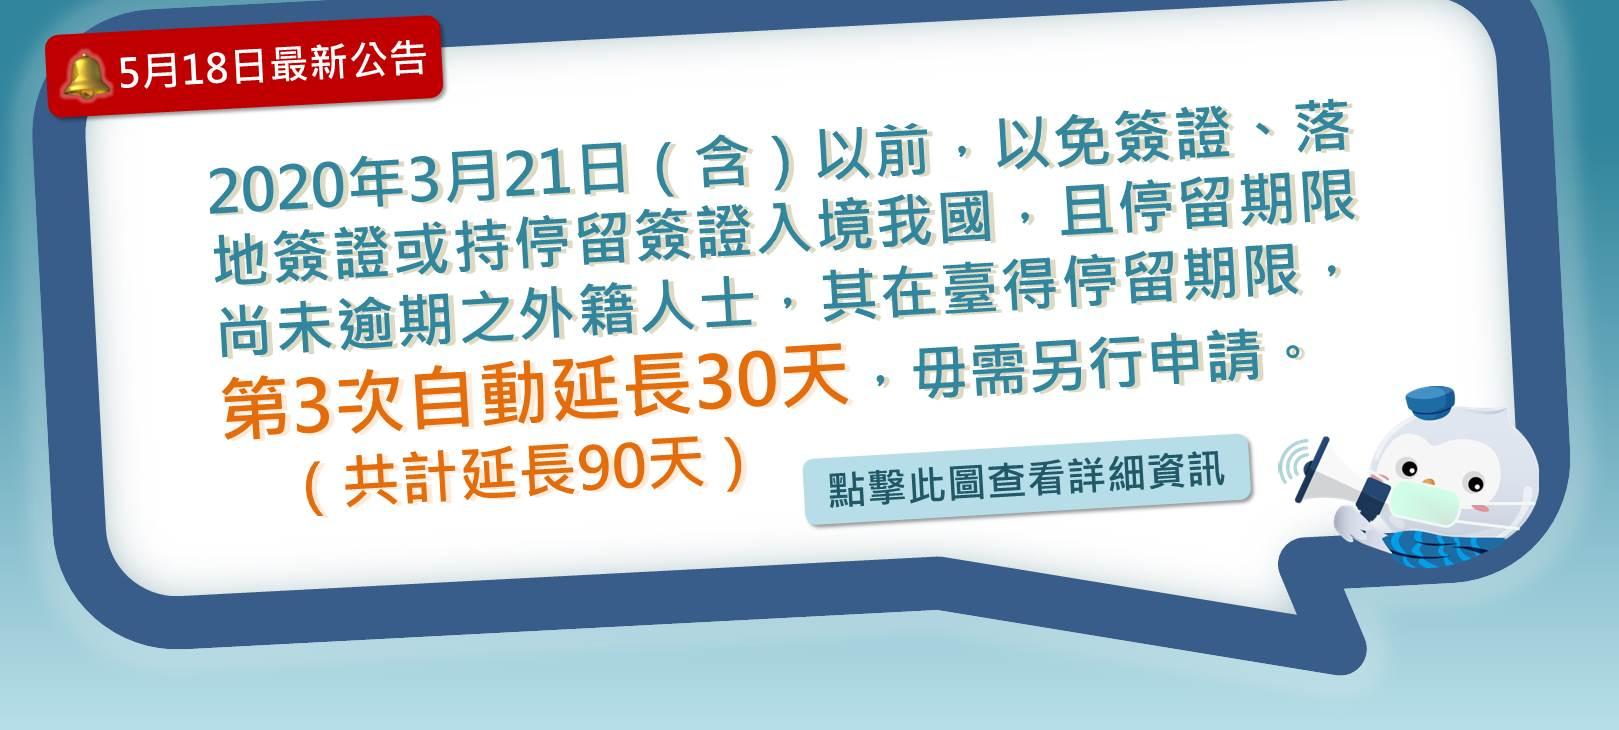 第三次簽證停留期限延長措施